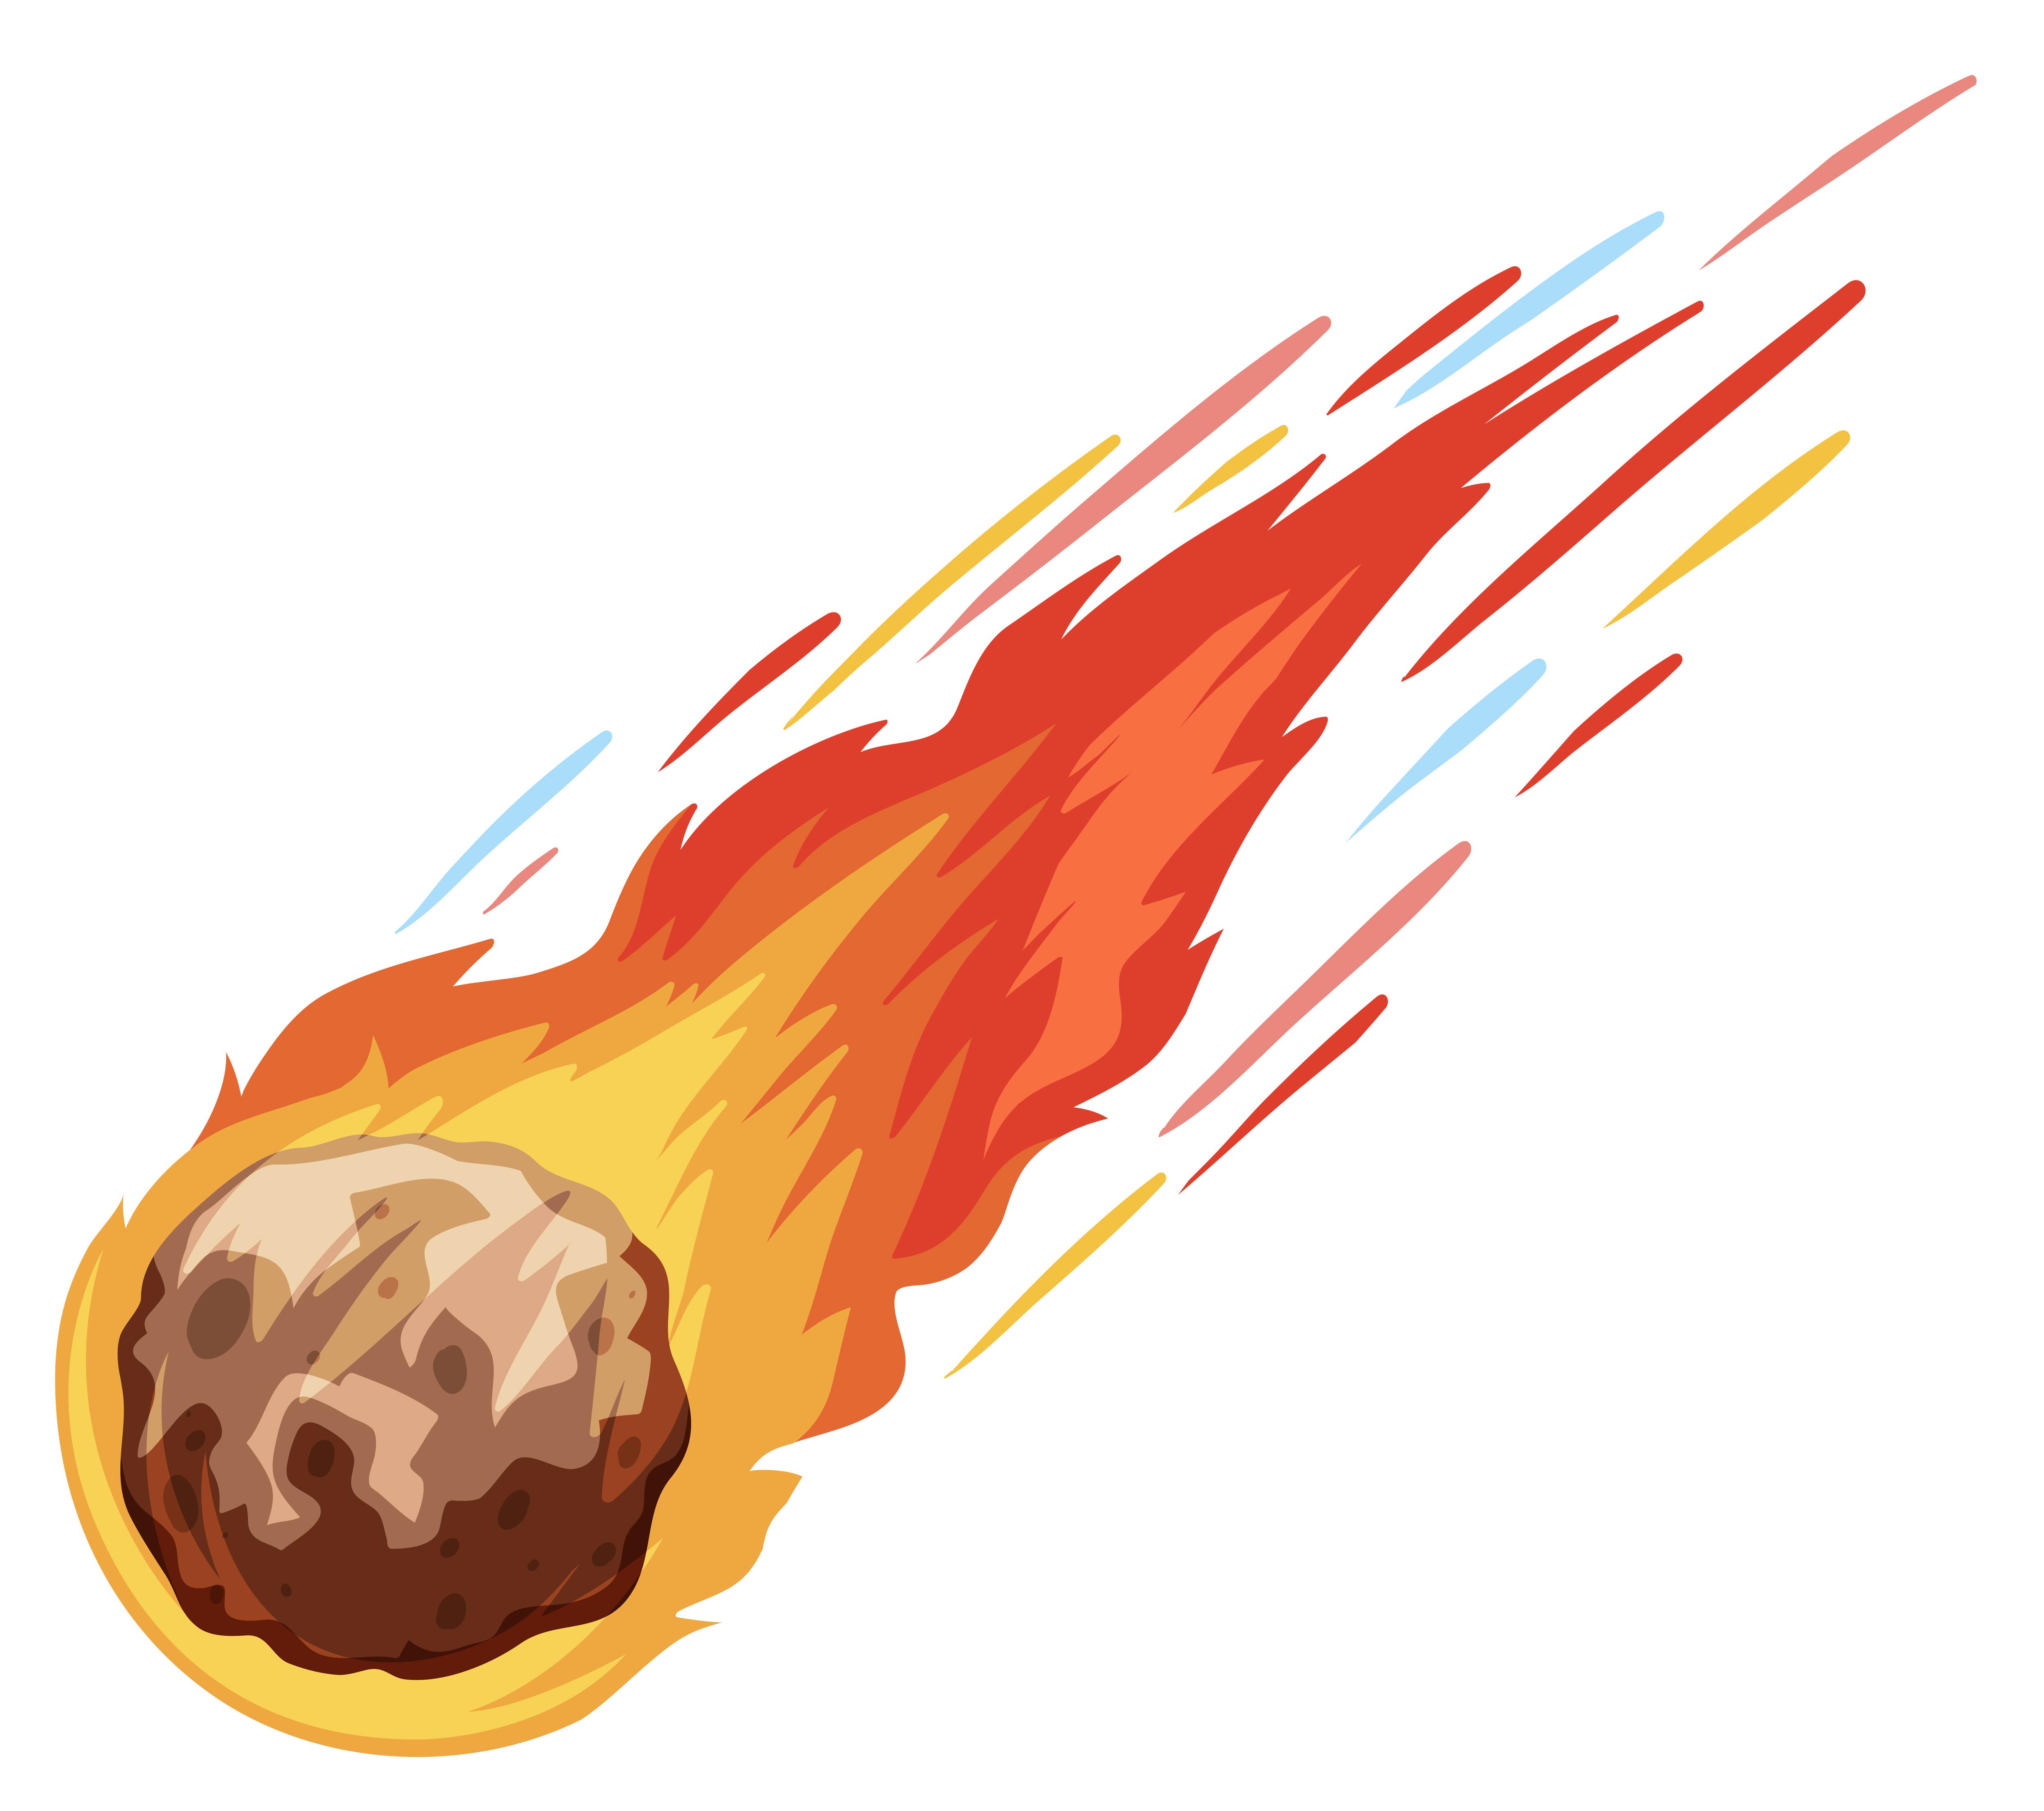 Метеорит картинка для детей